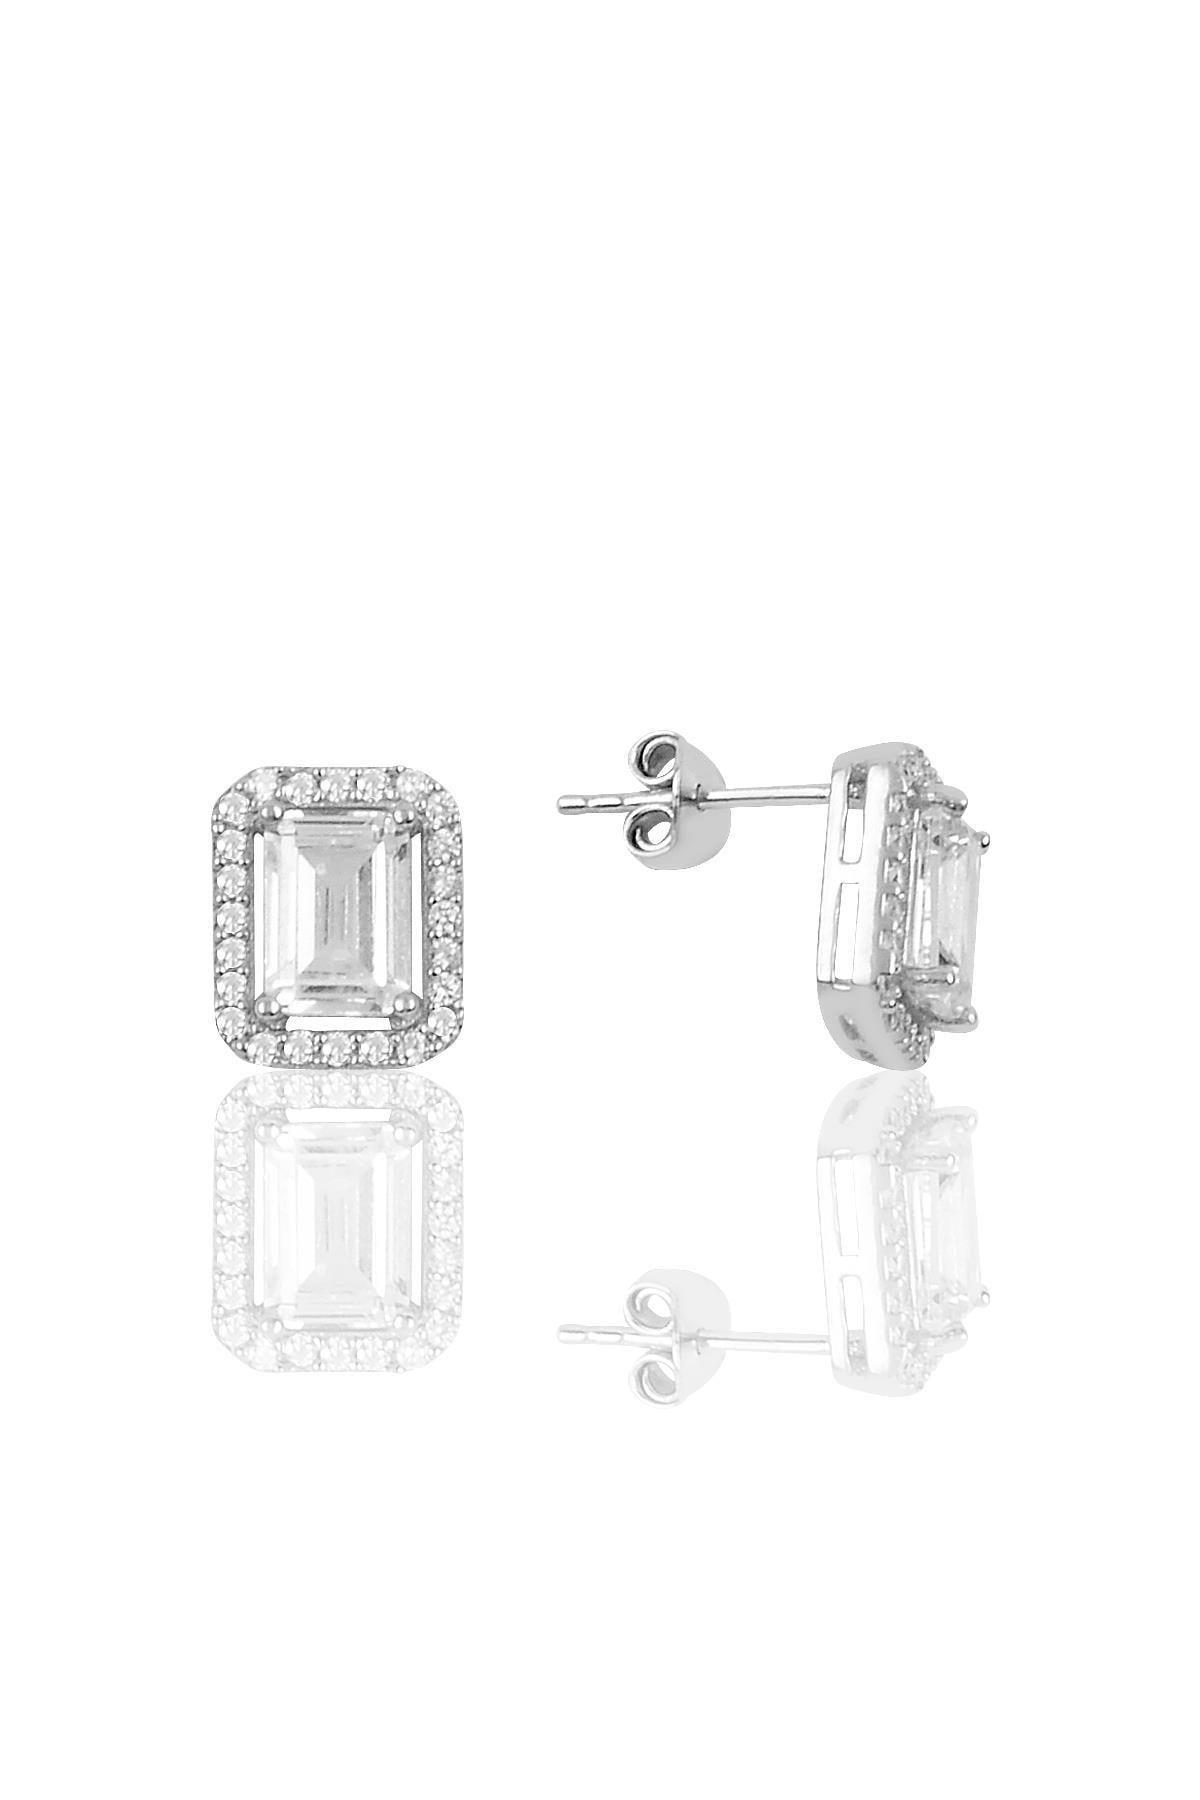 Söğütlü Silver Gümüş Baget Taşlı İkili Set Sgtl10059Rodaj 2